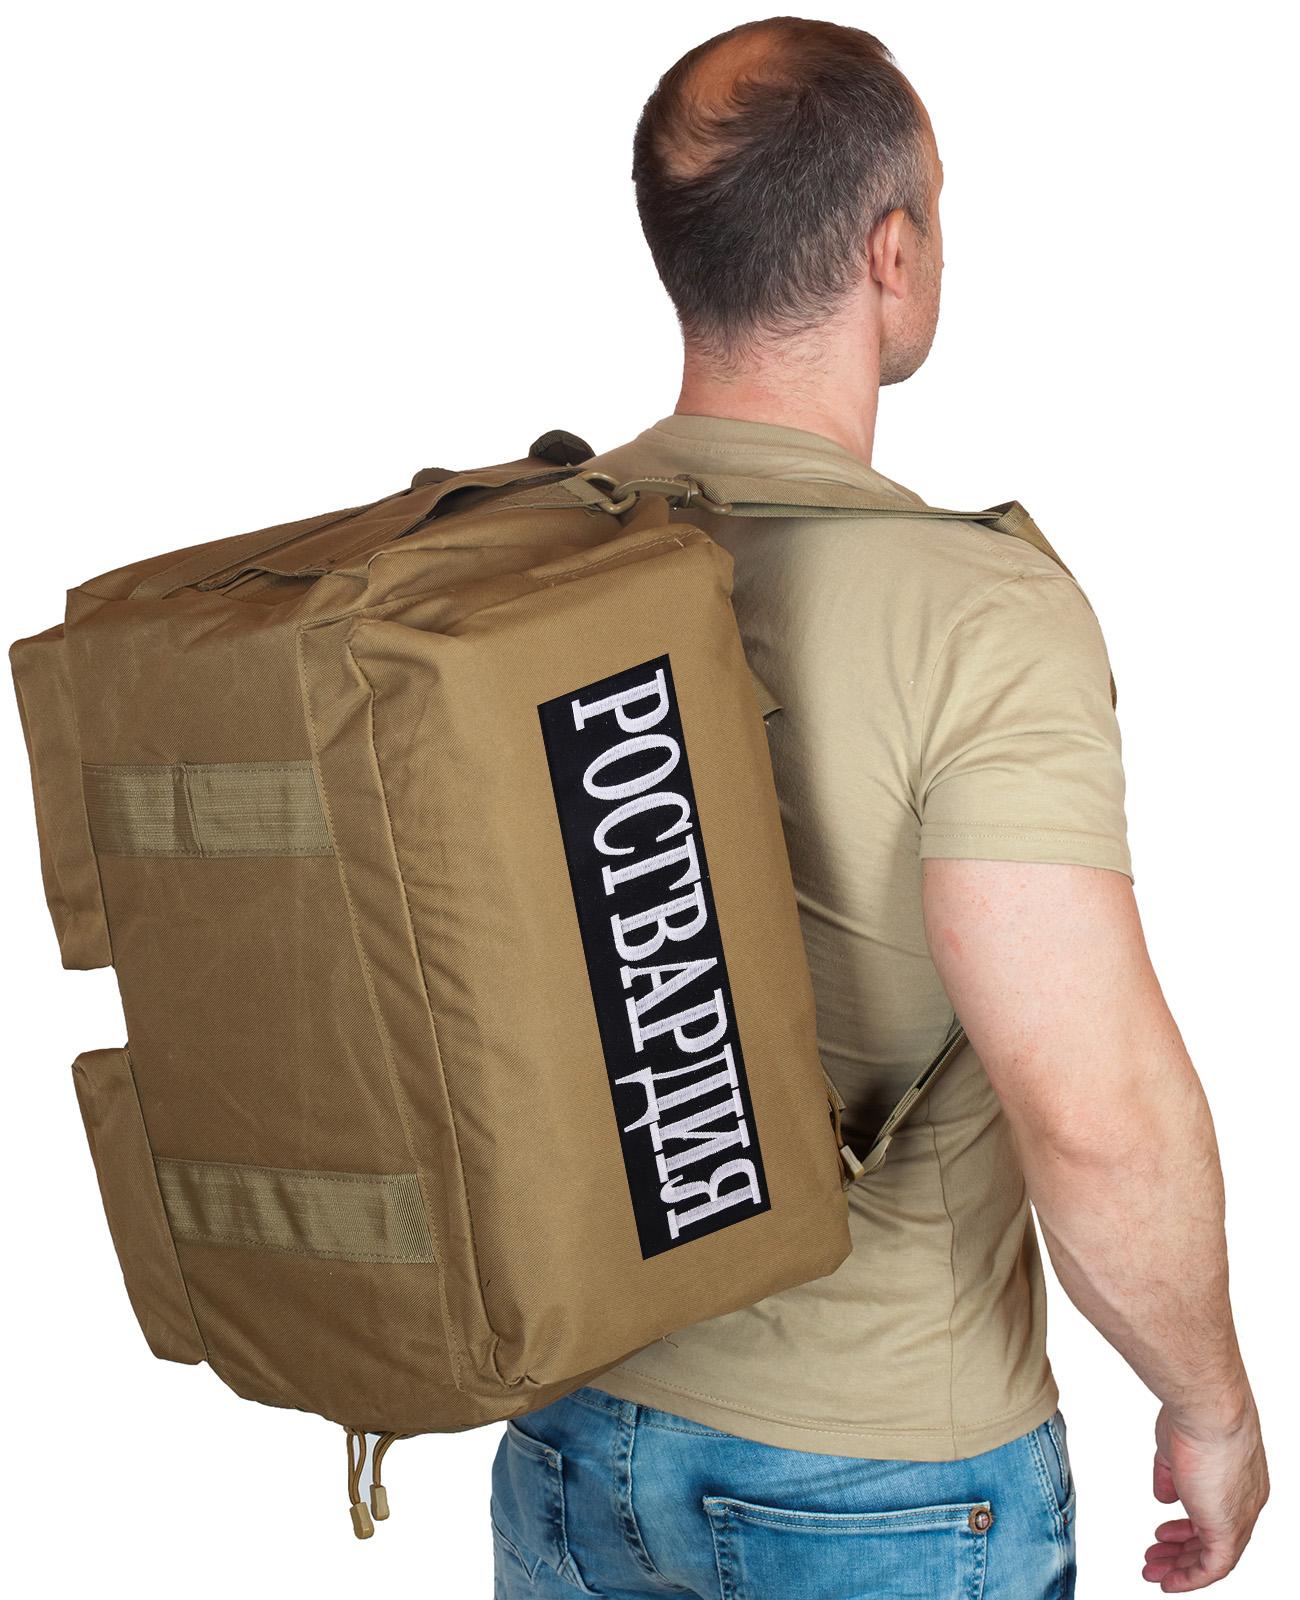 Купить дорожную сумку-рюкзак с нашивкой Росгвардия онлайн выгодно